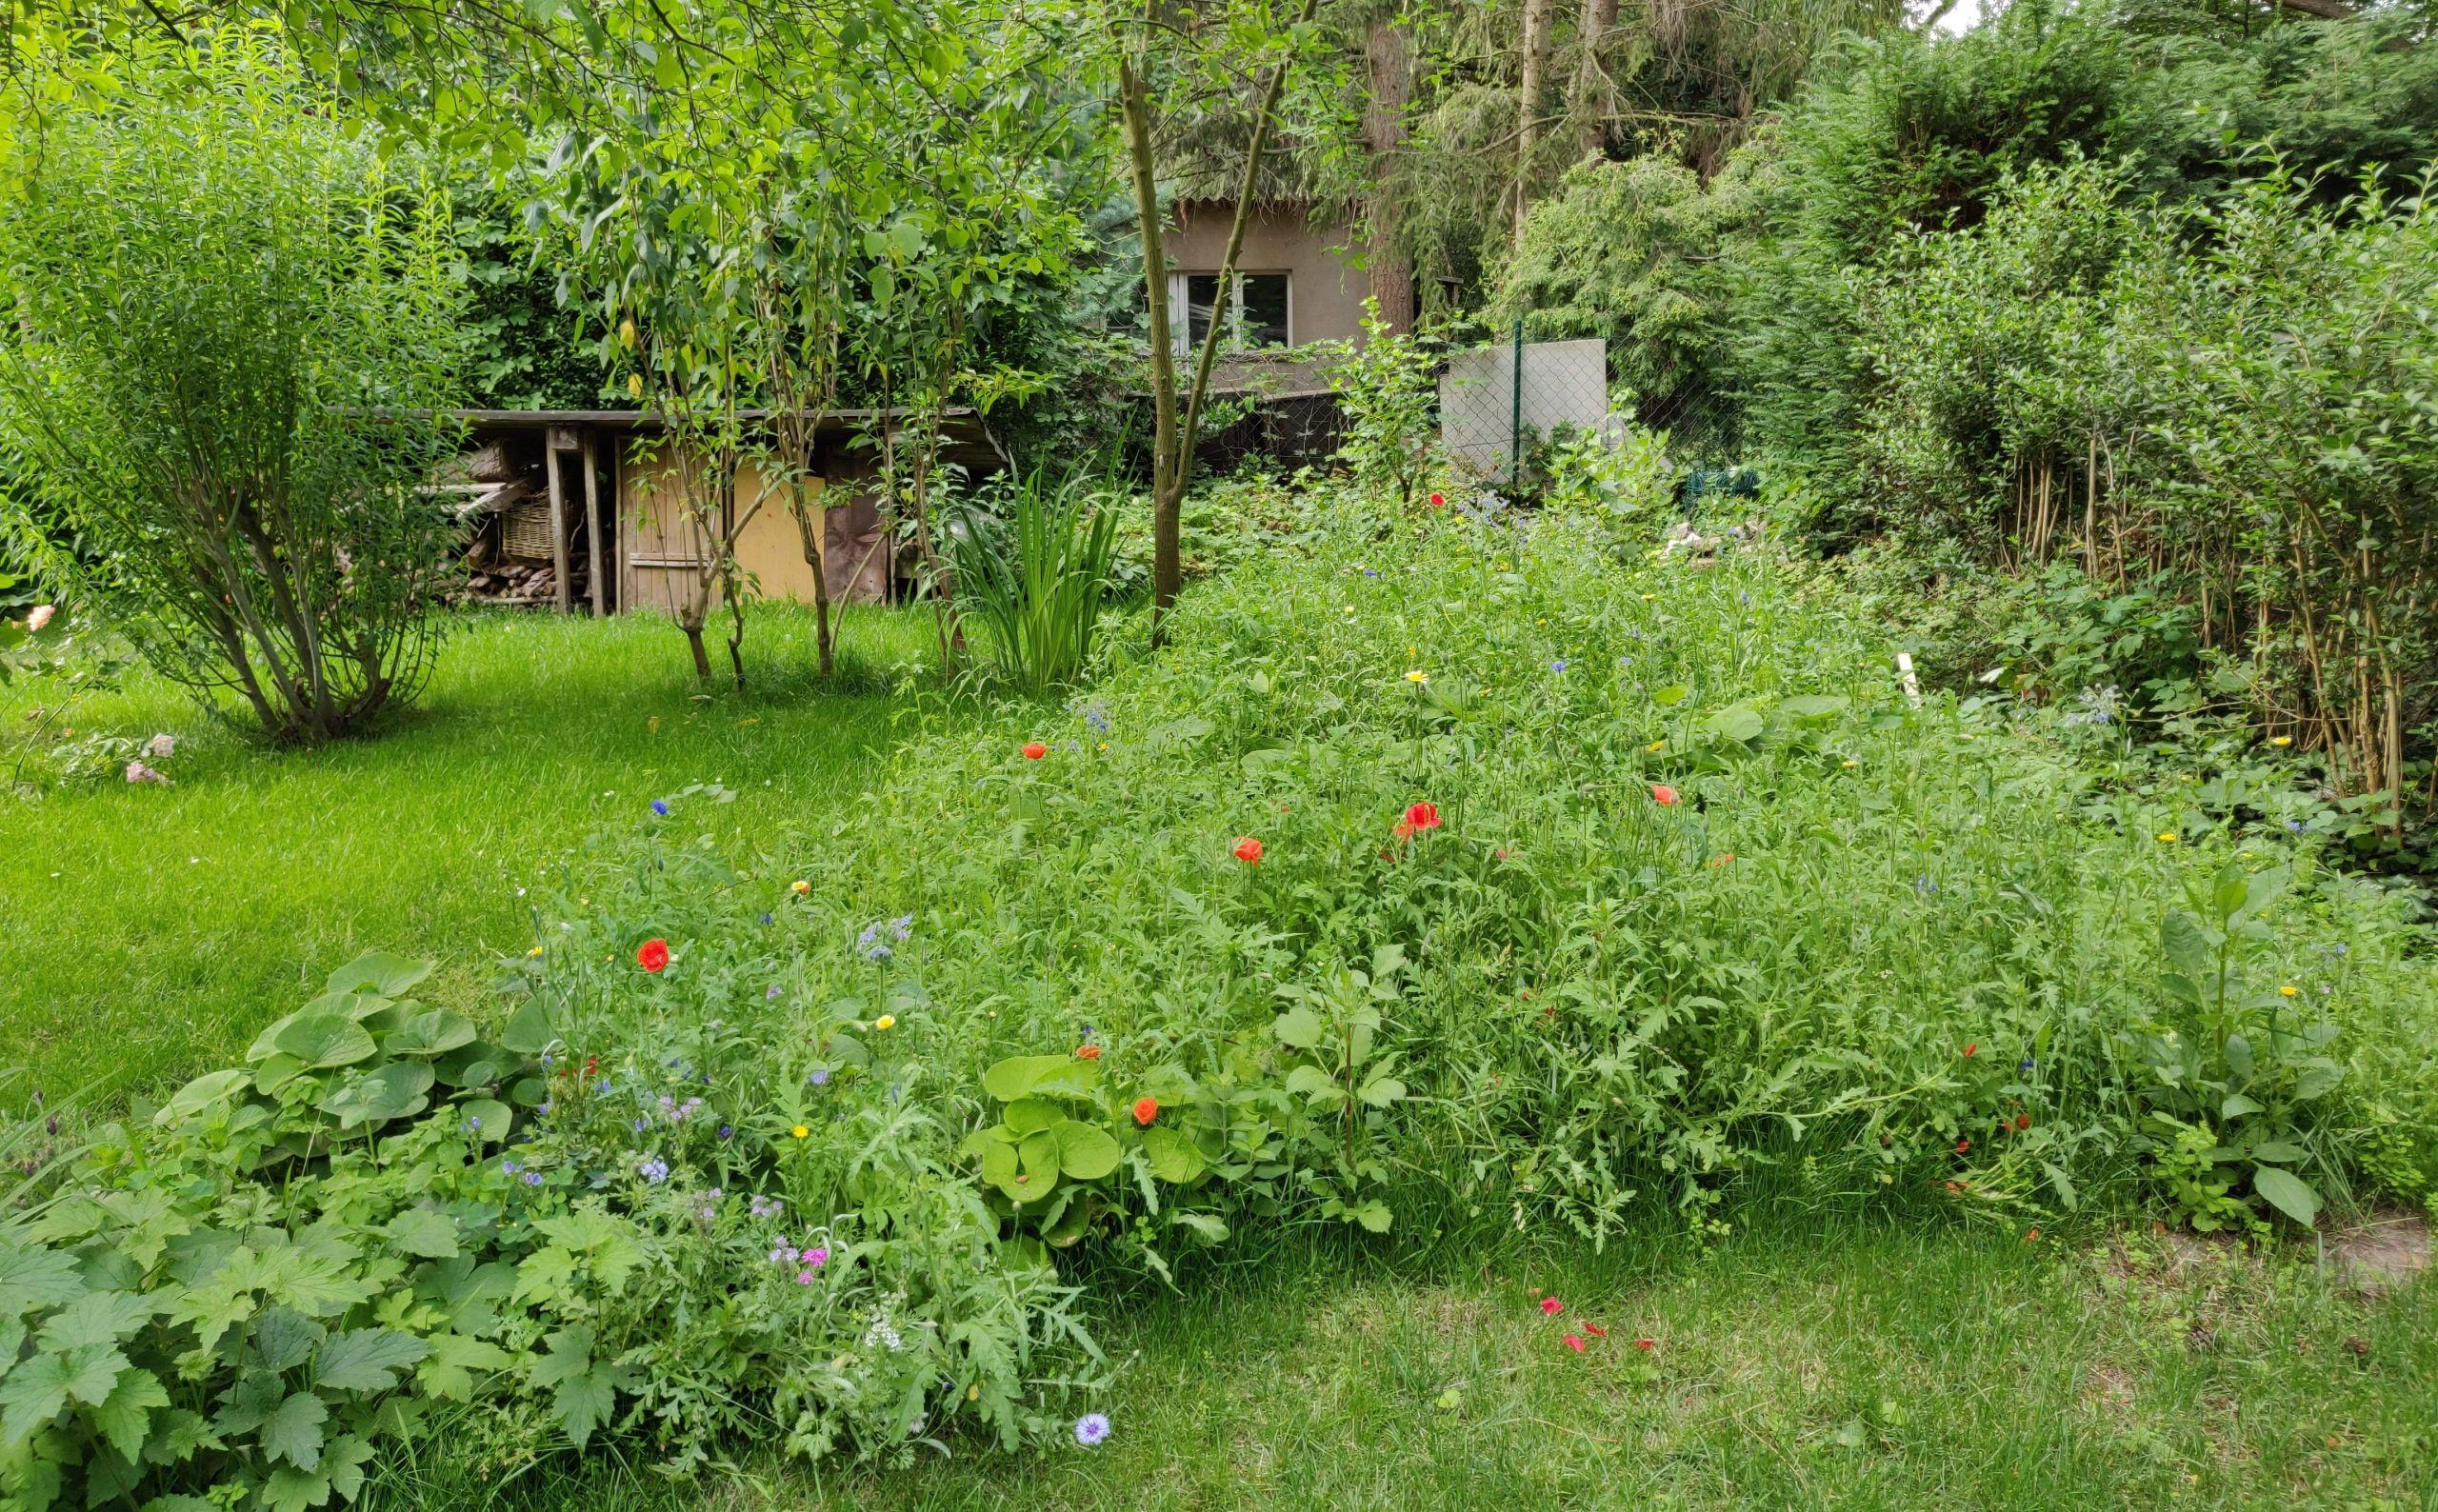 permakultur garten anlegen schon gemeinsam fur mehr artenvielfalt wildblumenwiese anlegen of permakultur garten anlegen 1 scaled